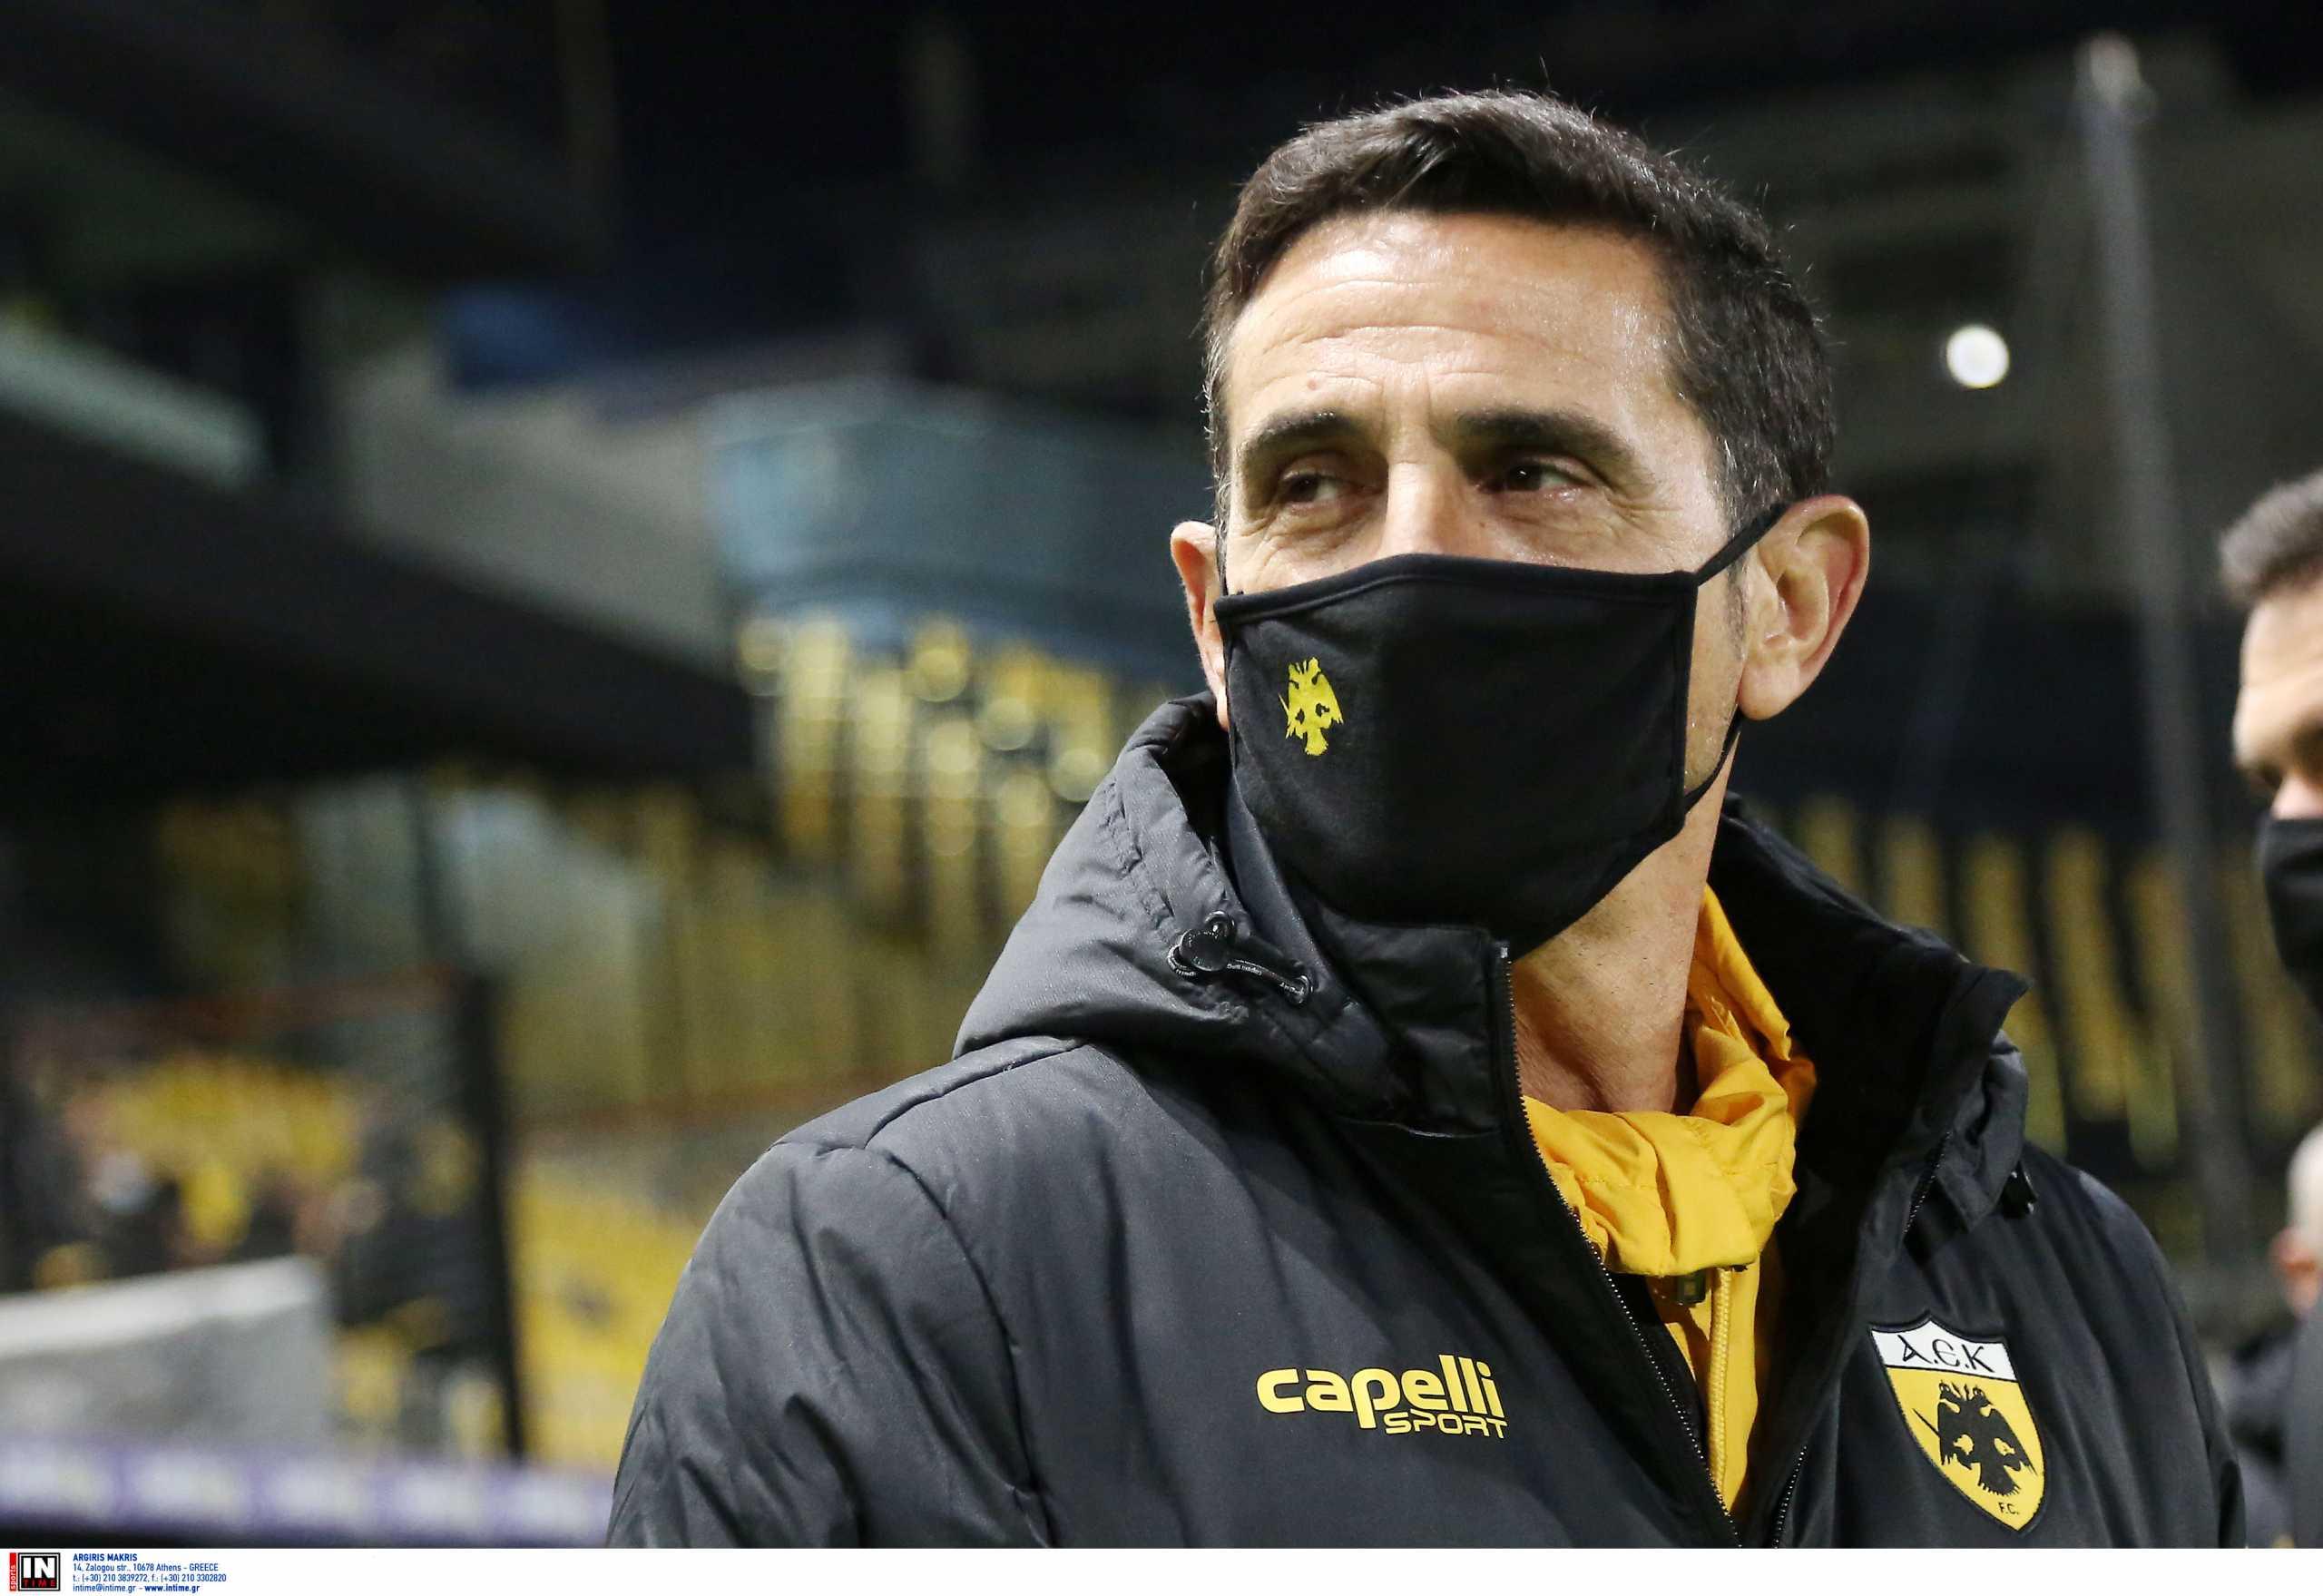 ΑΕΚ: «Κάτι λείπει από την ομάδα για να τραυματίζονται οι παίκτες» δήλωσε ο Χιμένεθ